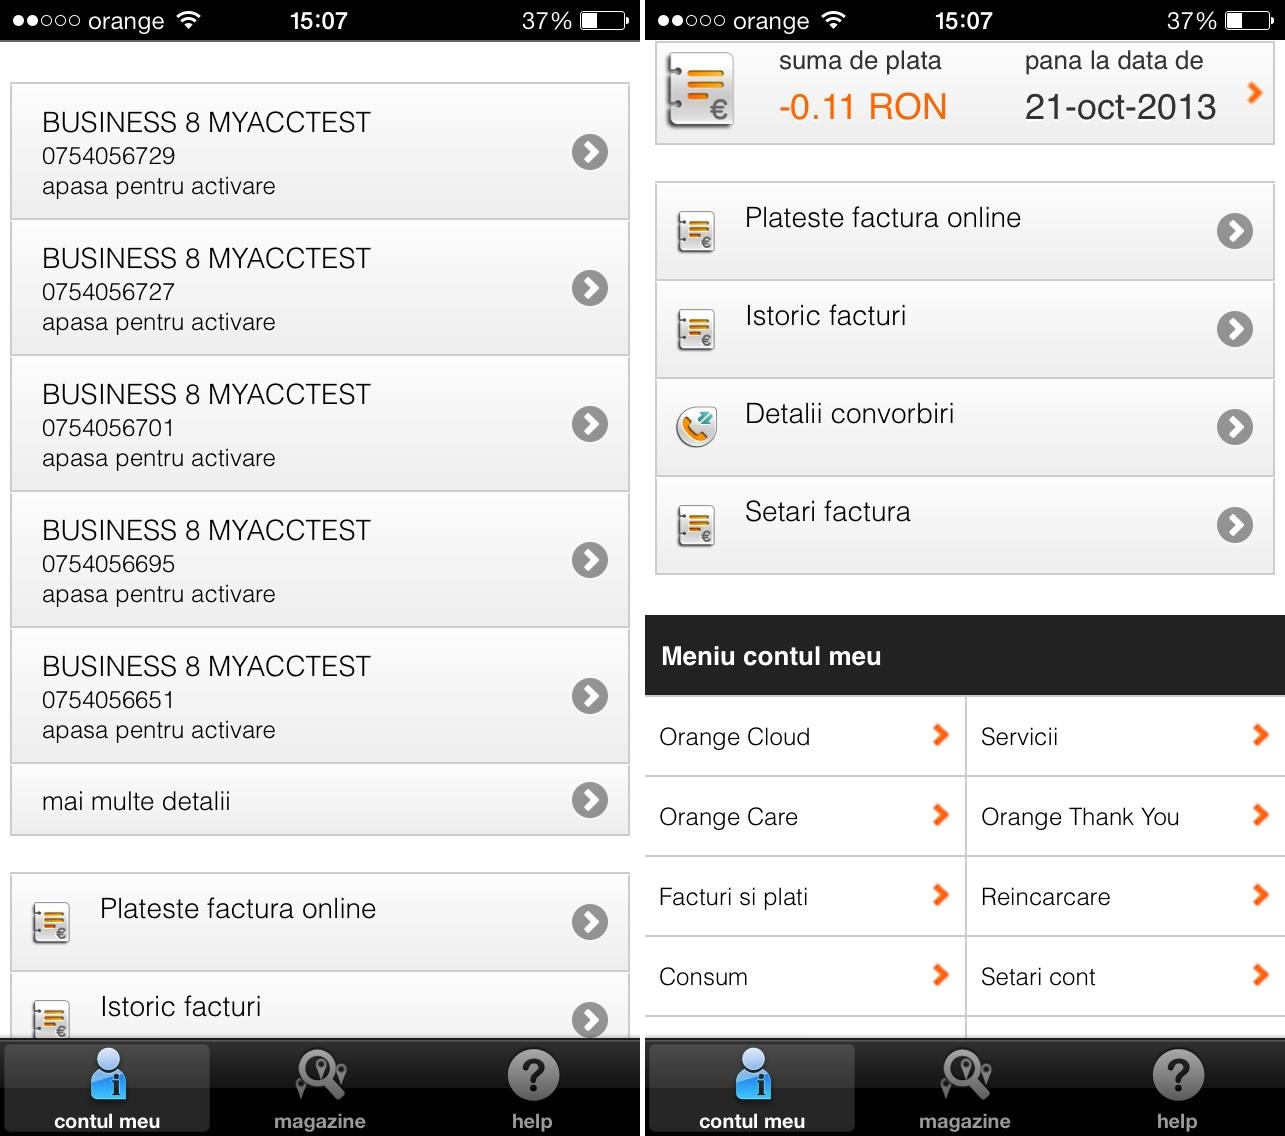 Cum folosesc orange phone credit la cumpararea online